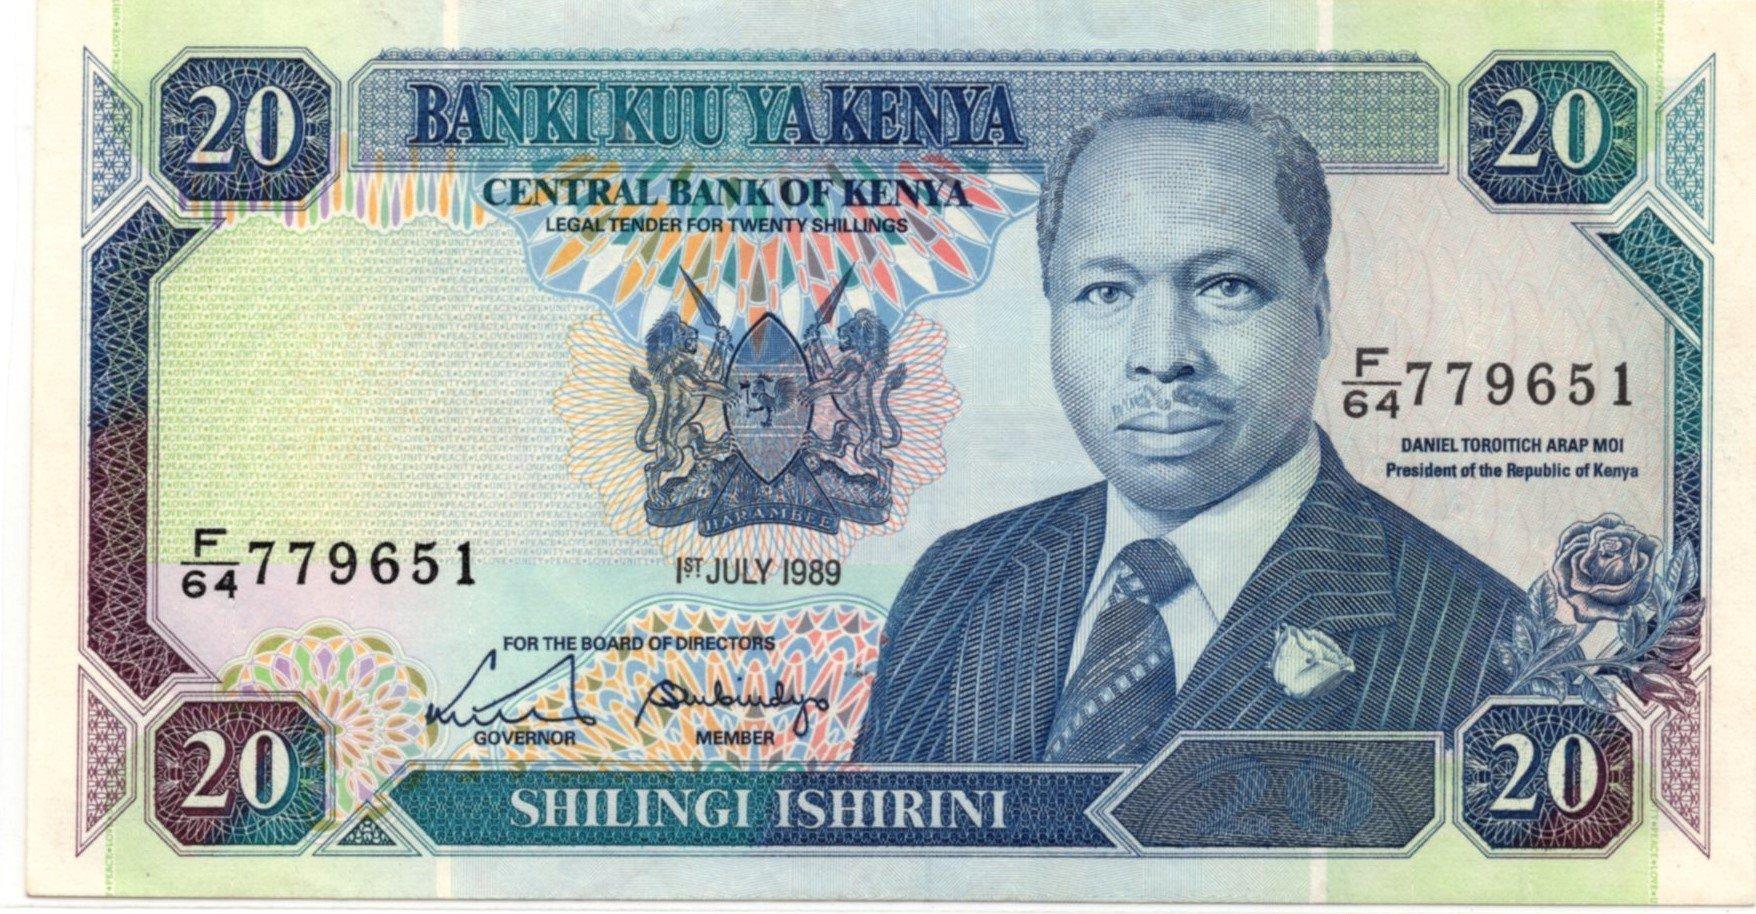 Kenya 20 shillings